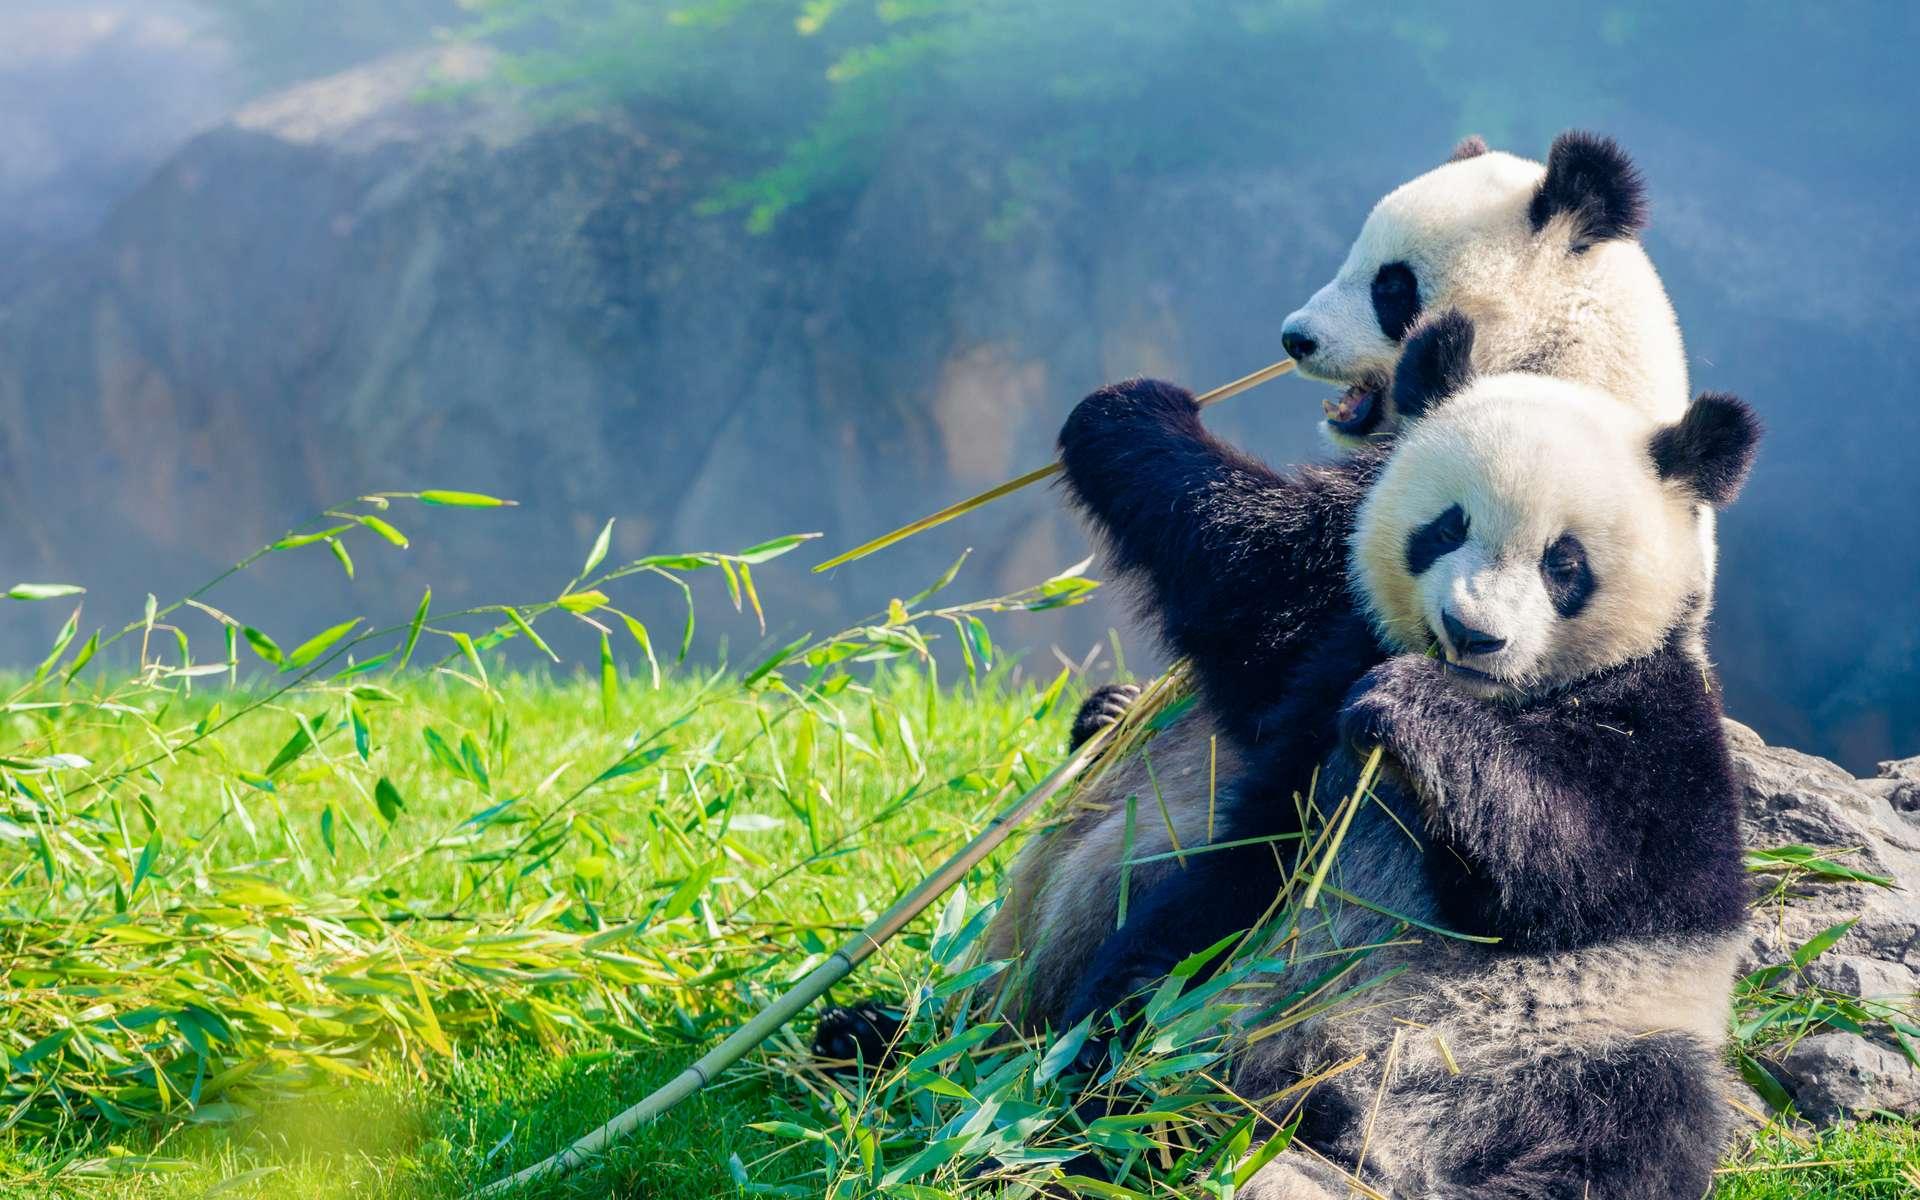 Huan Huan et Yuan Meng mangeant du bambou au petit matin dans le ZooParc de Beauval. © Daniel X D, Adobe Stock